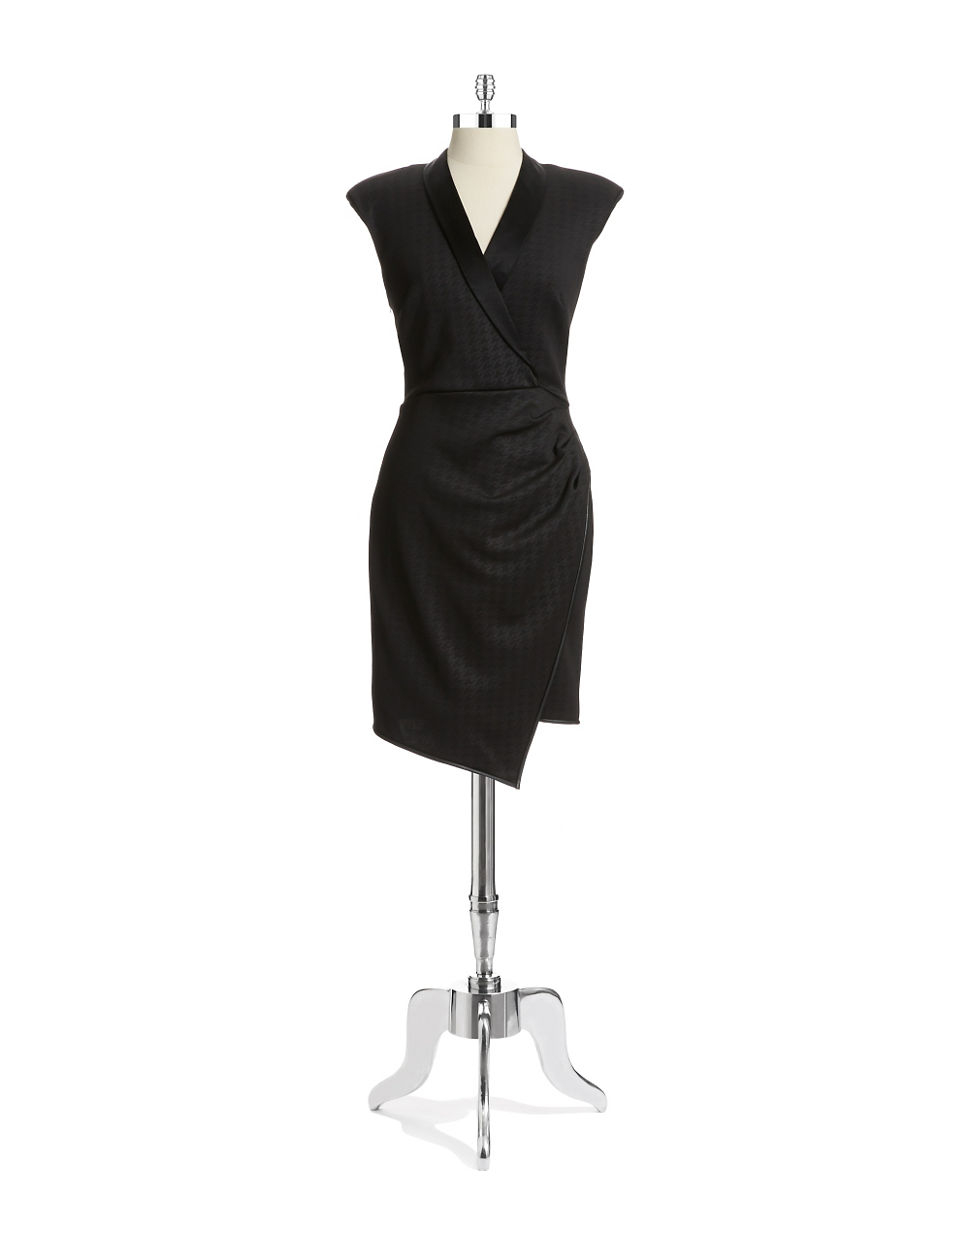 715d79c7e8d Lyst - Abs By Allen Schwartz Wrap Front Dress in Black